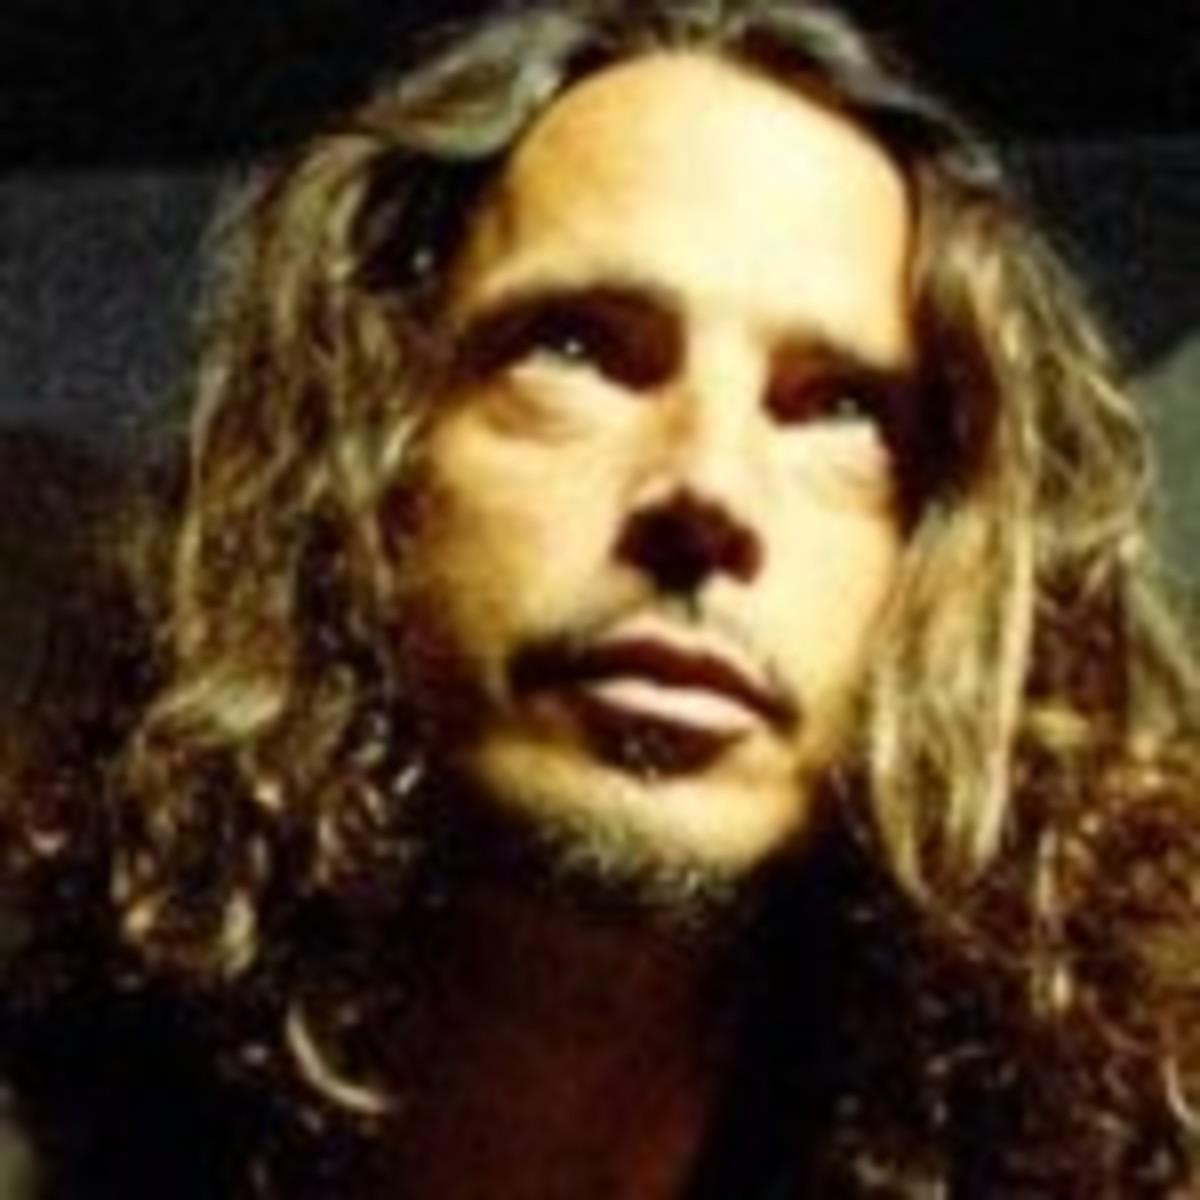 Soundgarden singer Chris Cornell